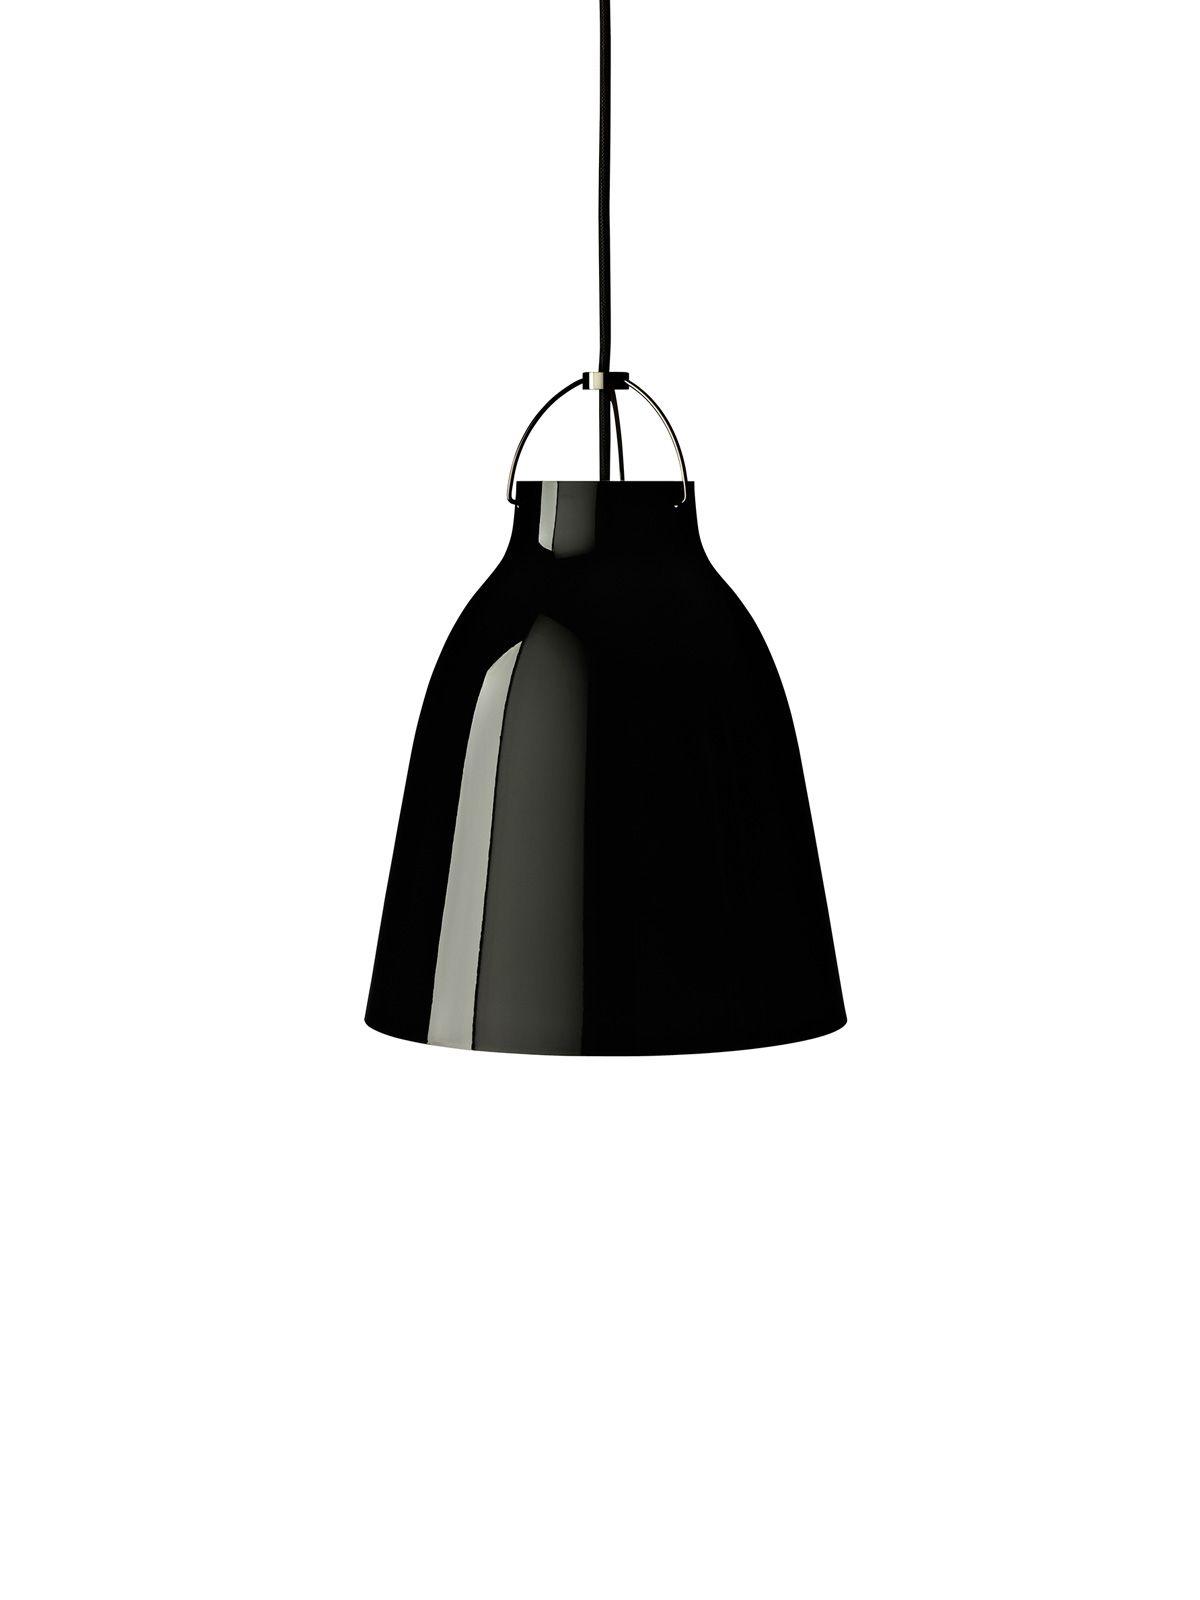 caravaggio black schwarze lampen lights in black. Black Bedroom Furniture Sets. Home Design Ideas